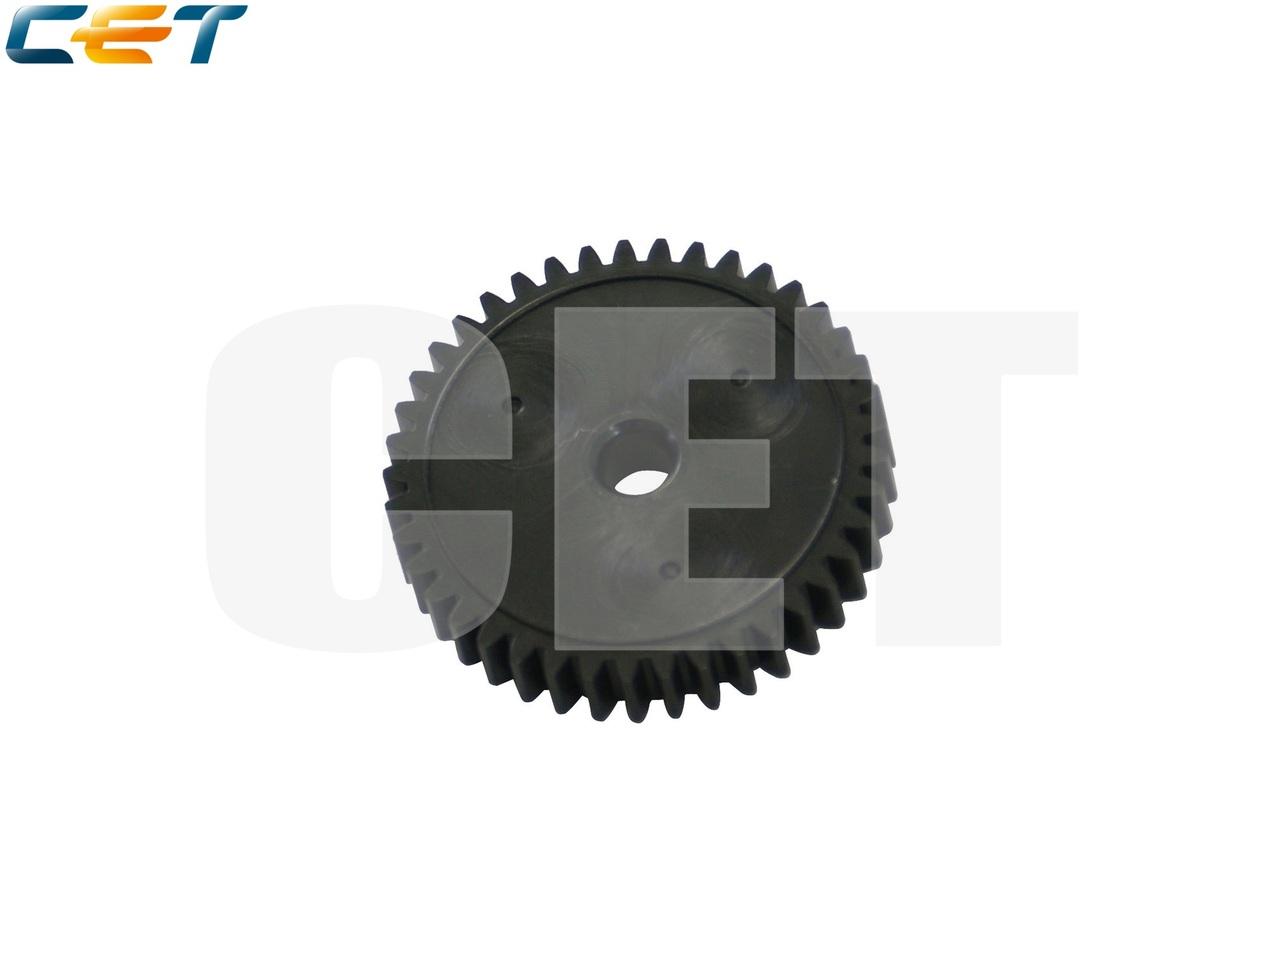 Шестерня привода фьюзера 41T RU5-0276-000 для HPLaserJet 4250/4350 (CET), CET2641